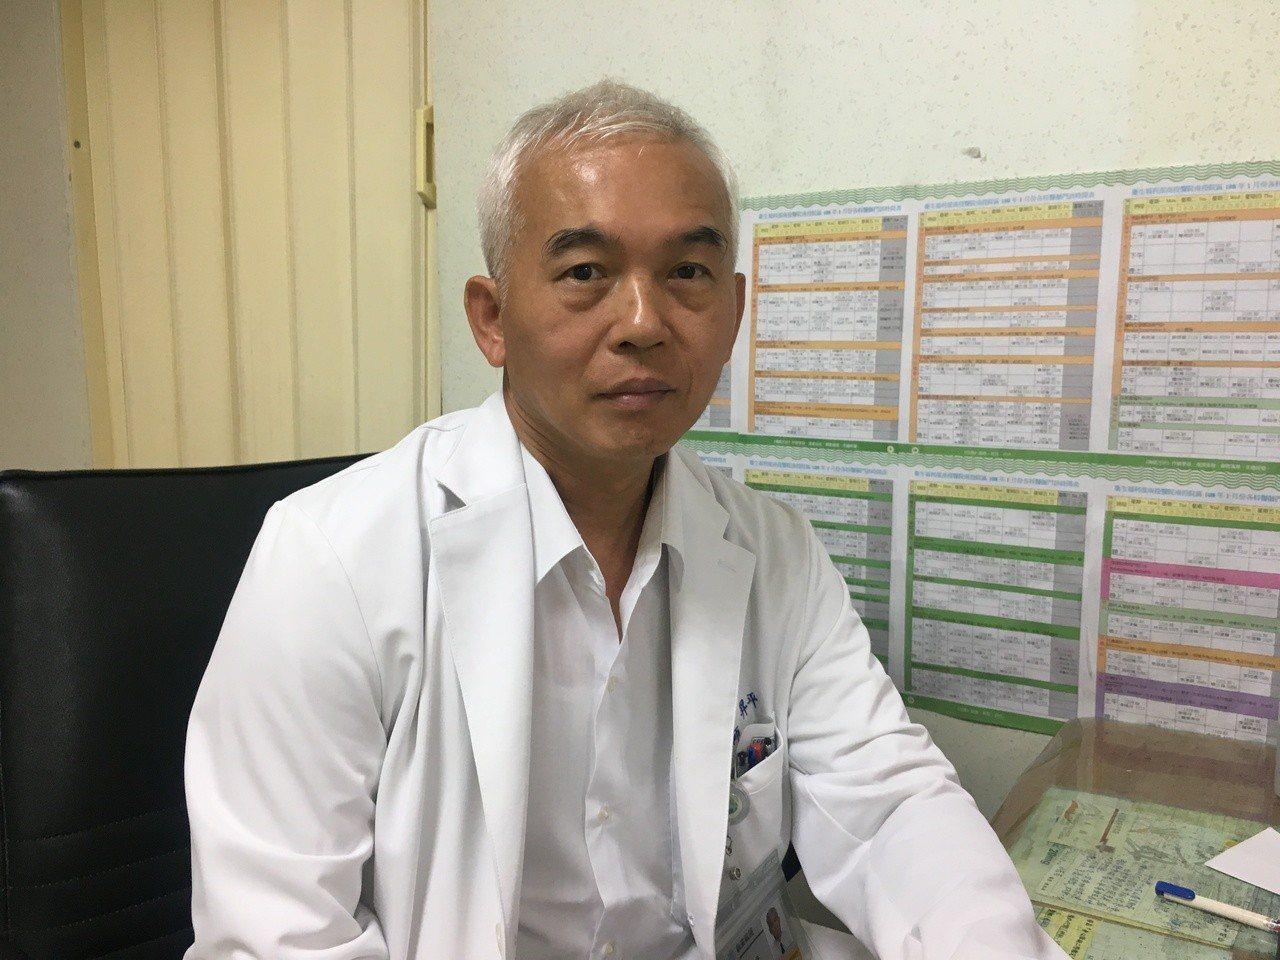 南投醫院泌尿科醫師李昇平提醒性功能障礙的男性,不要亂吃不明藥物,應就醫找出原因才...